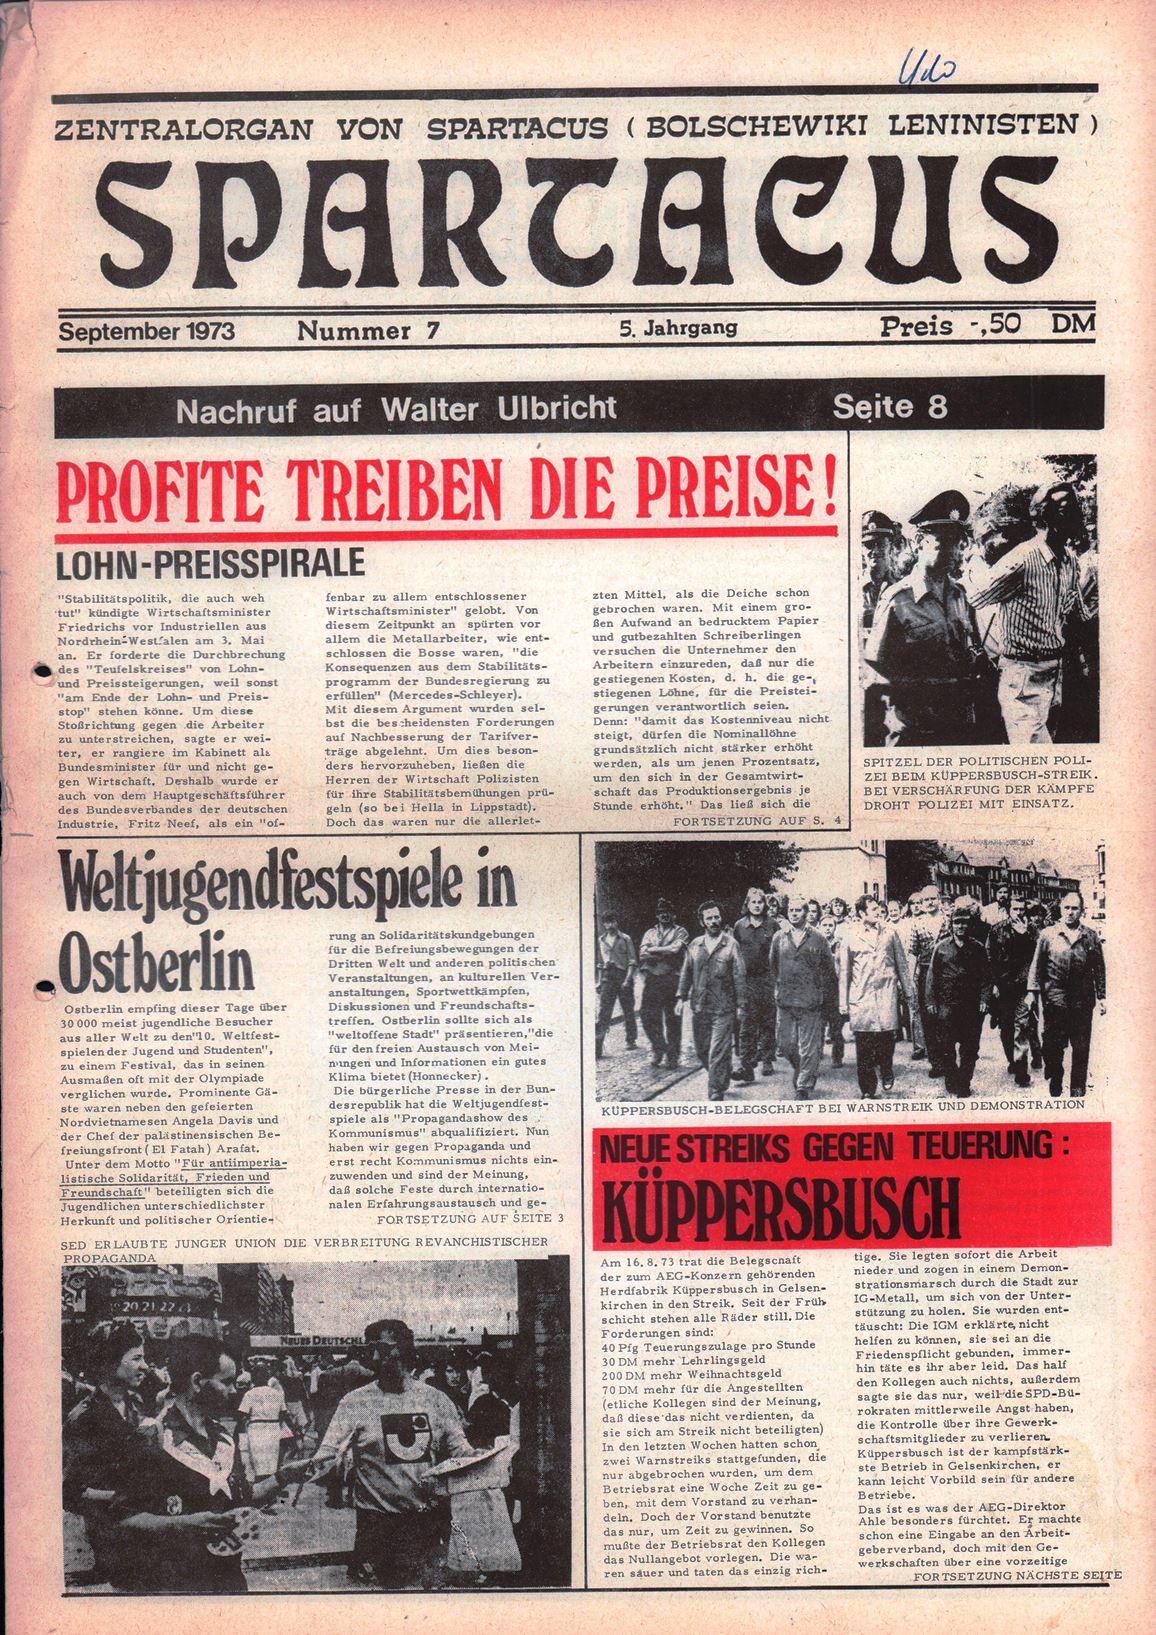 Spartacus_ZO174